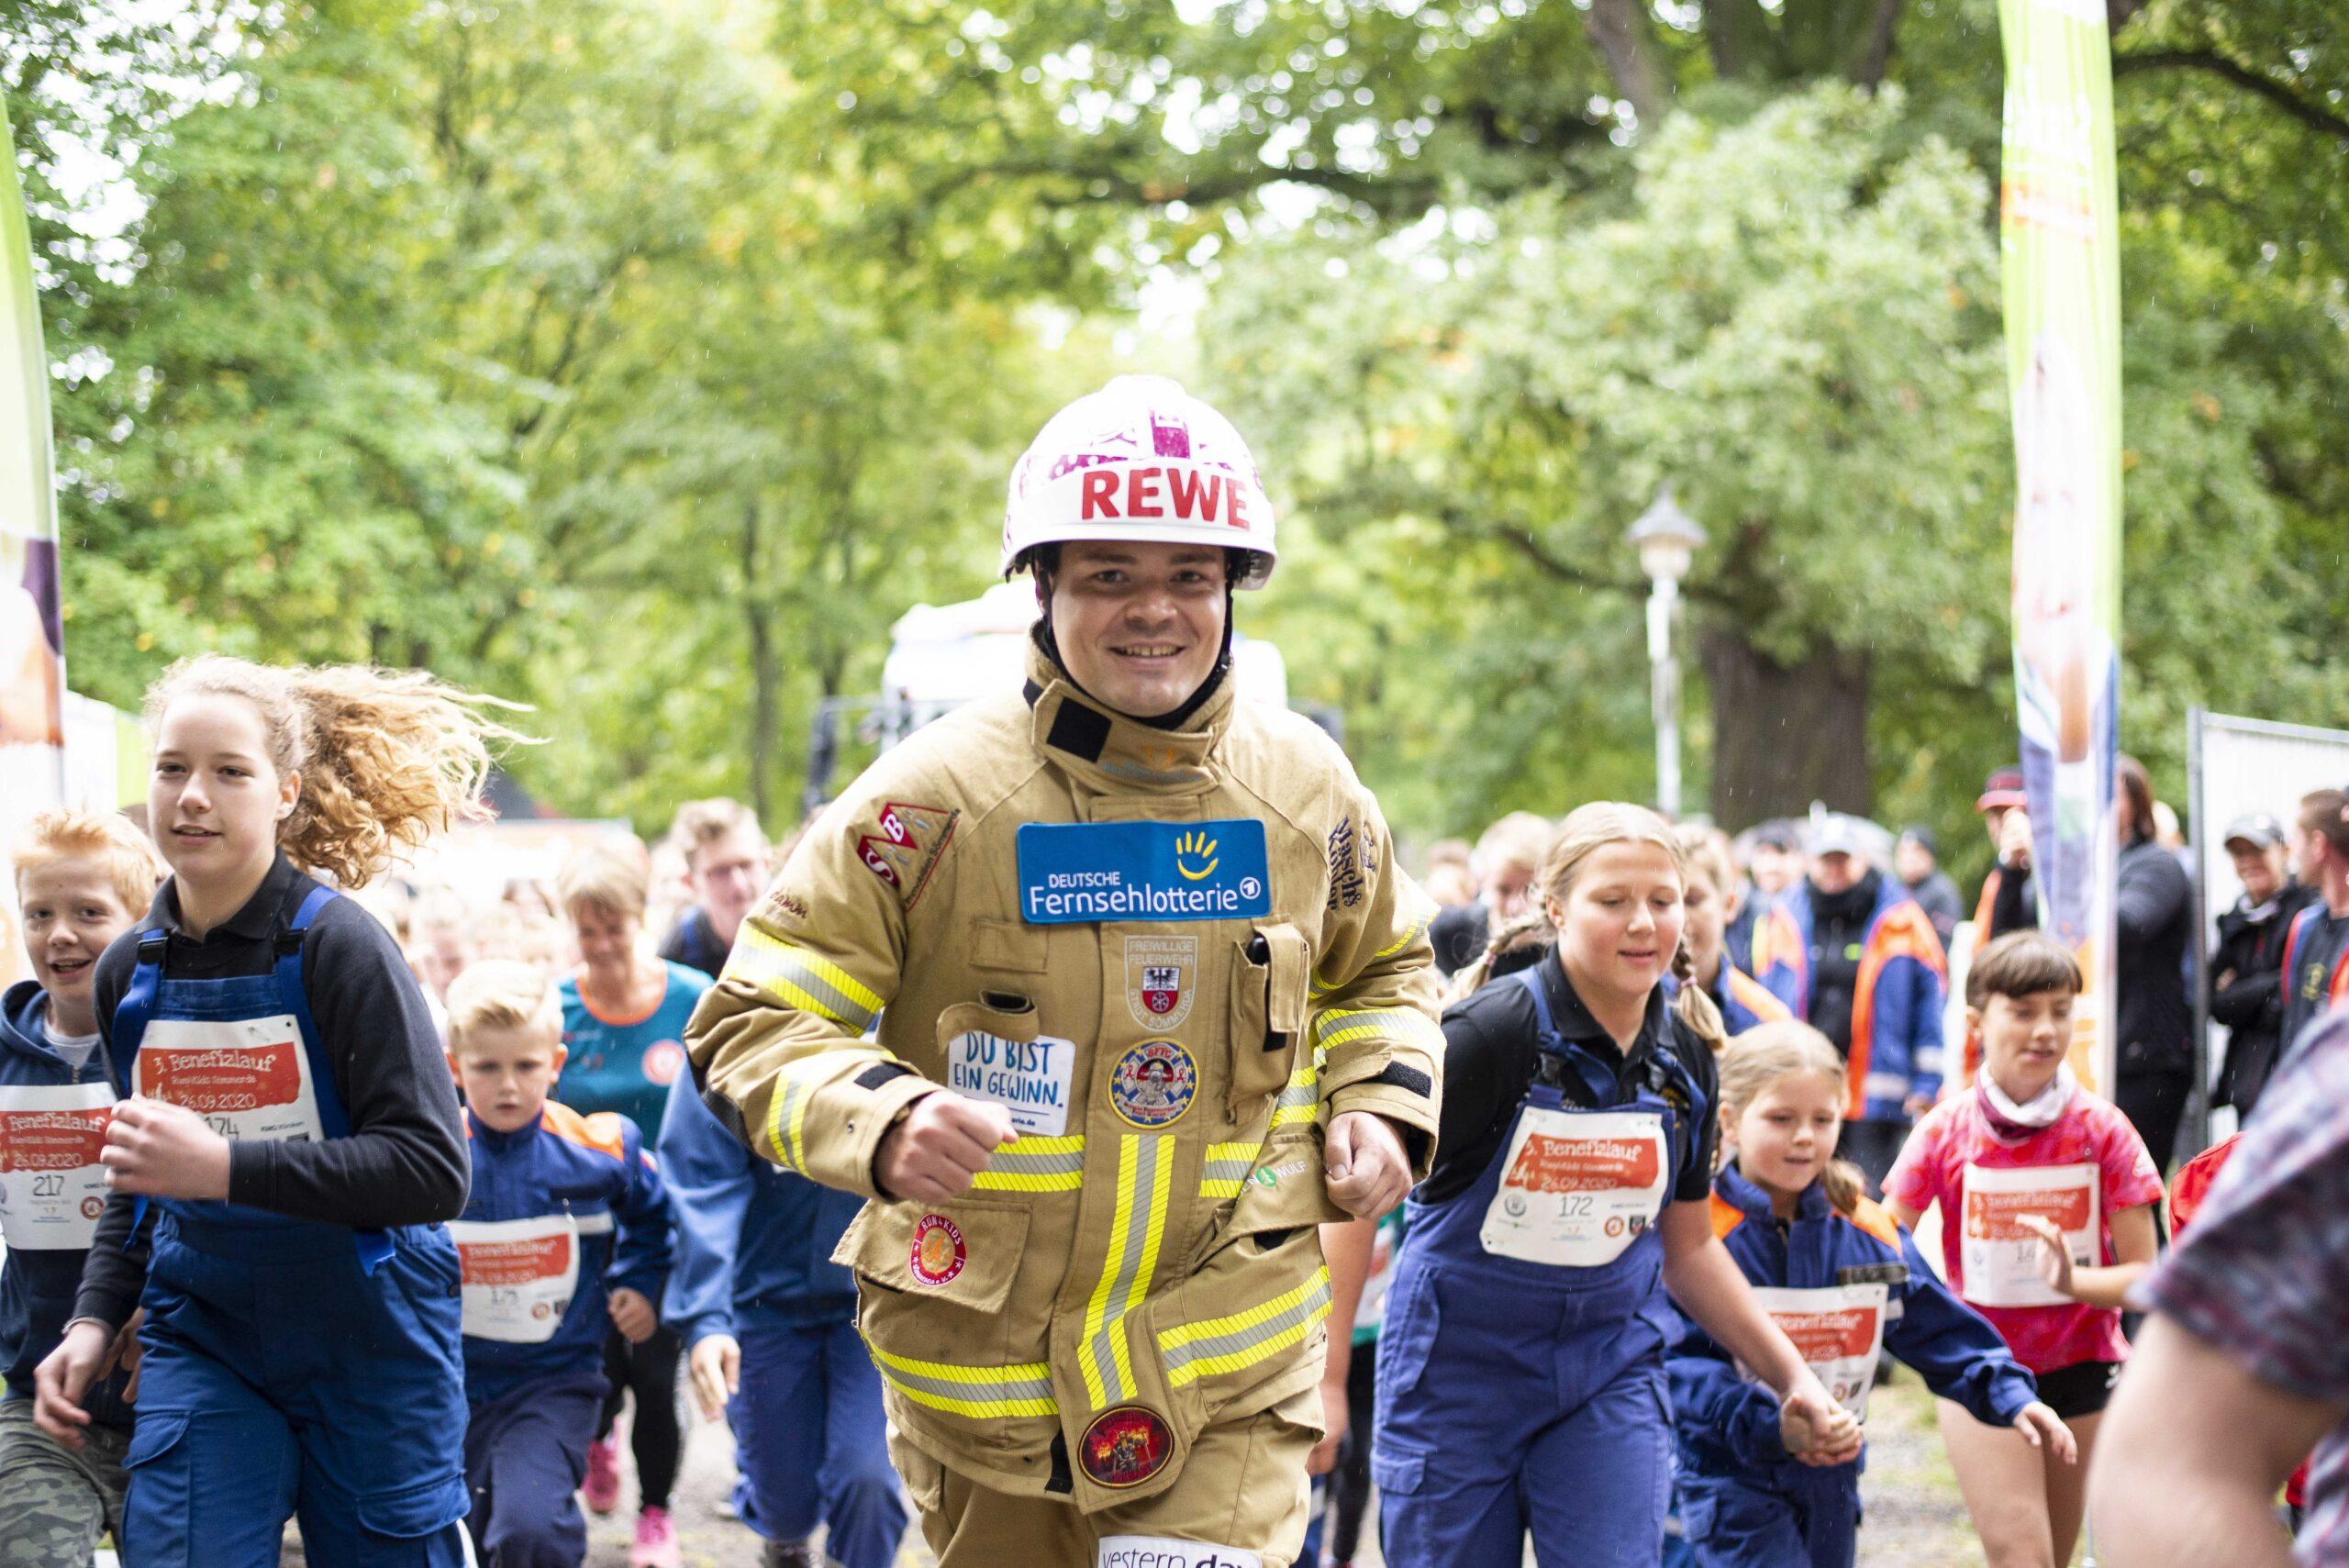 Mario Schnepf eröffnet den Kinderlauf des 3. Run4Kids Benefizlauf in Sömmerda. FOTO: Marie Hauschild